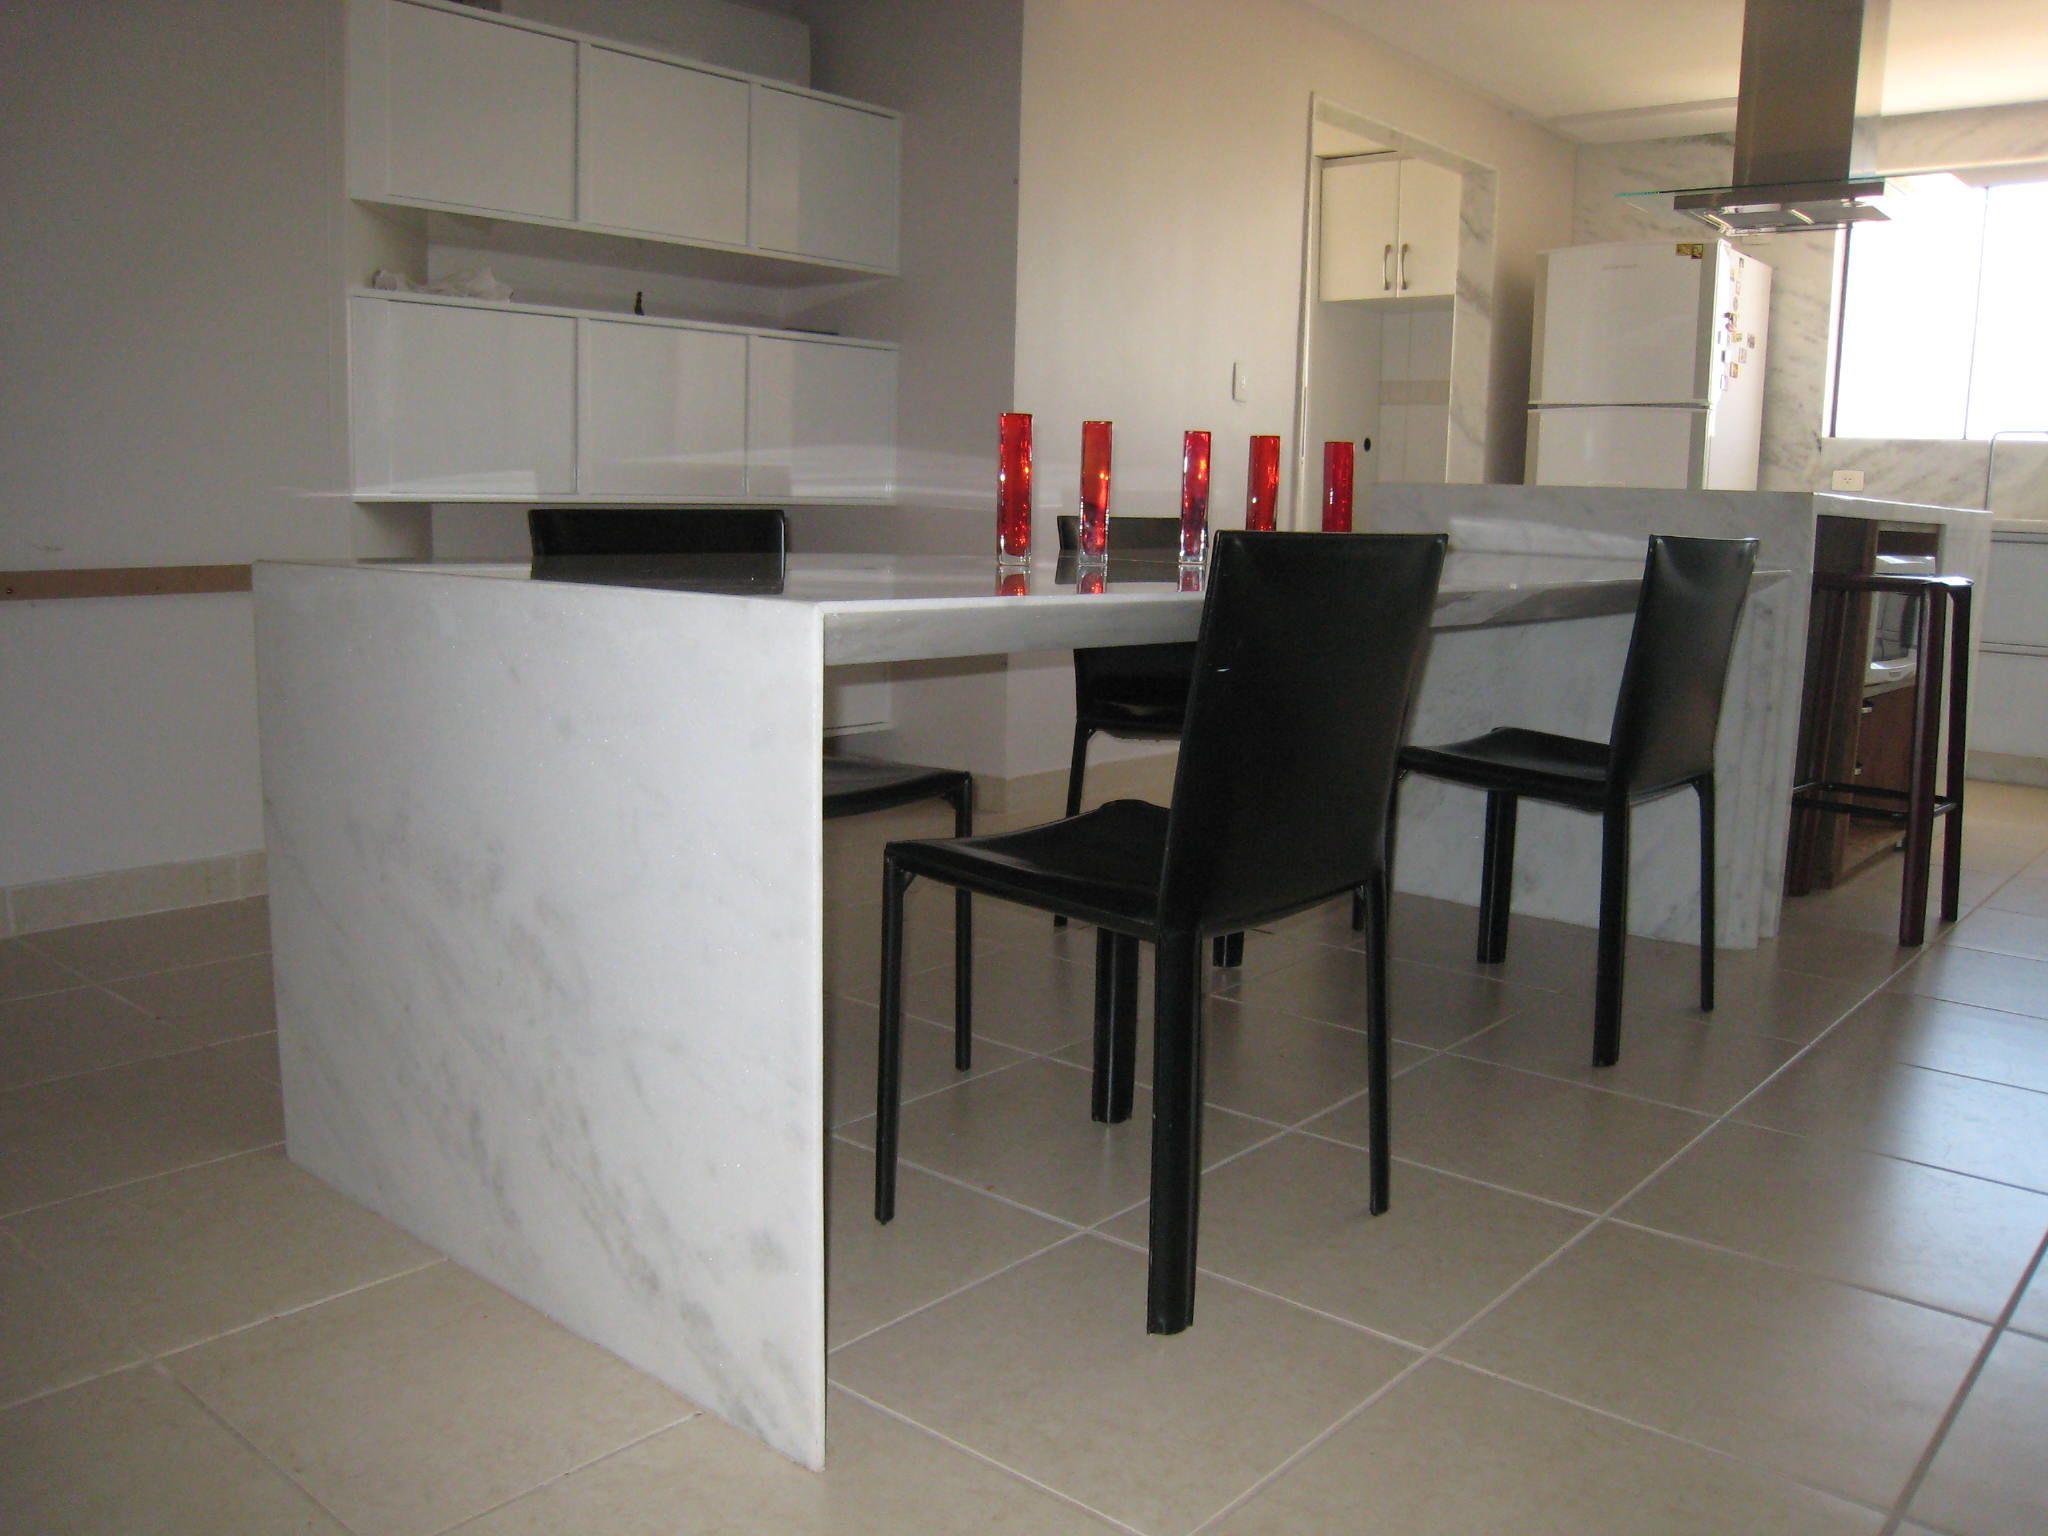 Mármore Branco Moura - projeto arquiteto Leo Romano - execução Gruta Mármores e Granitos